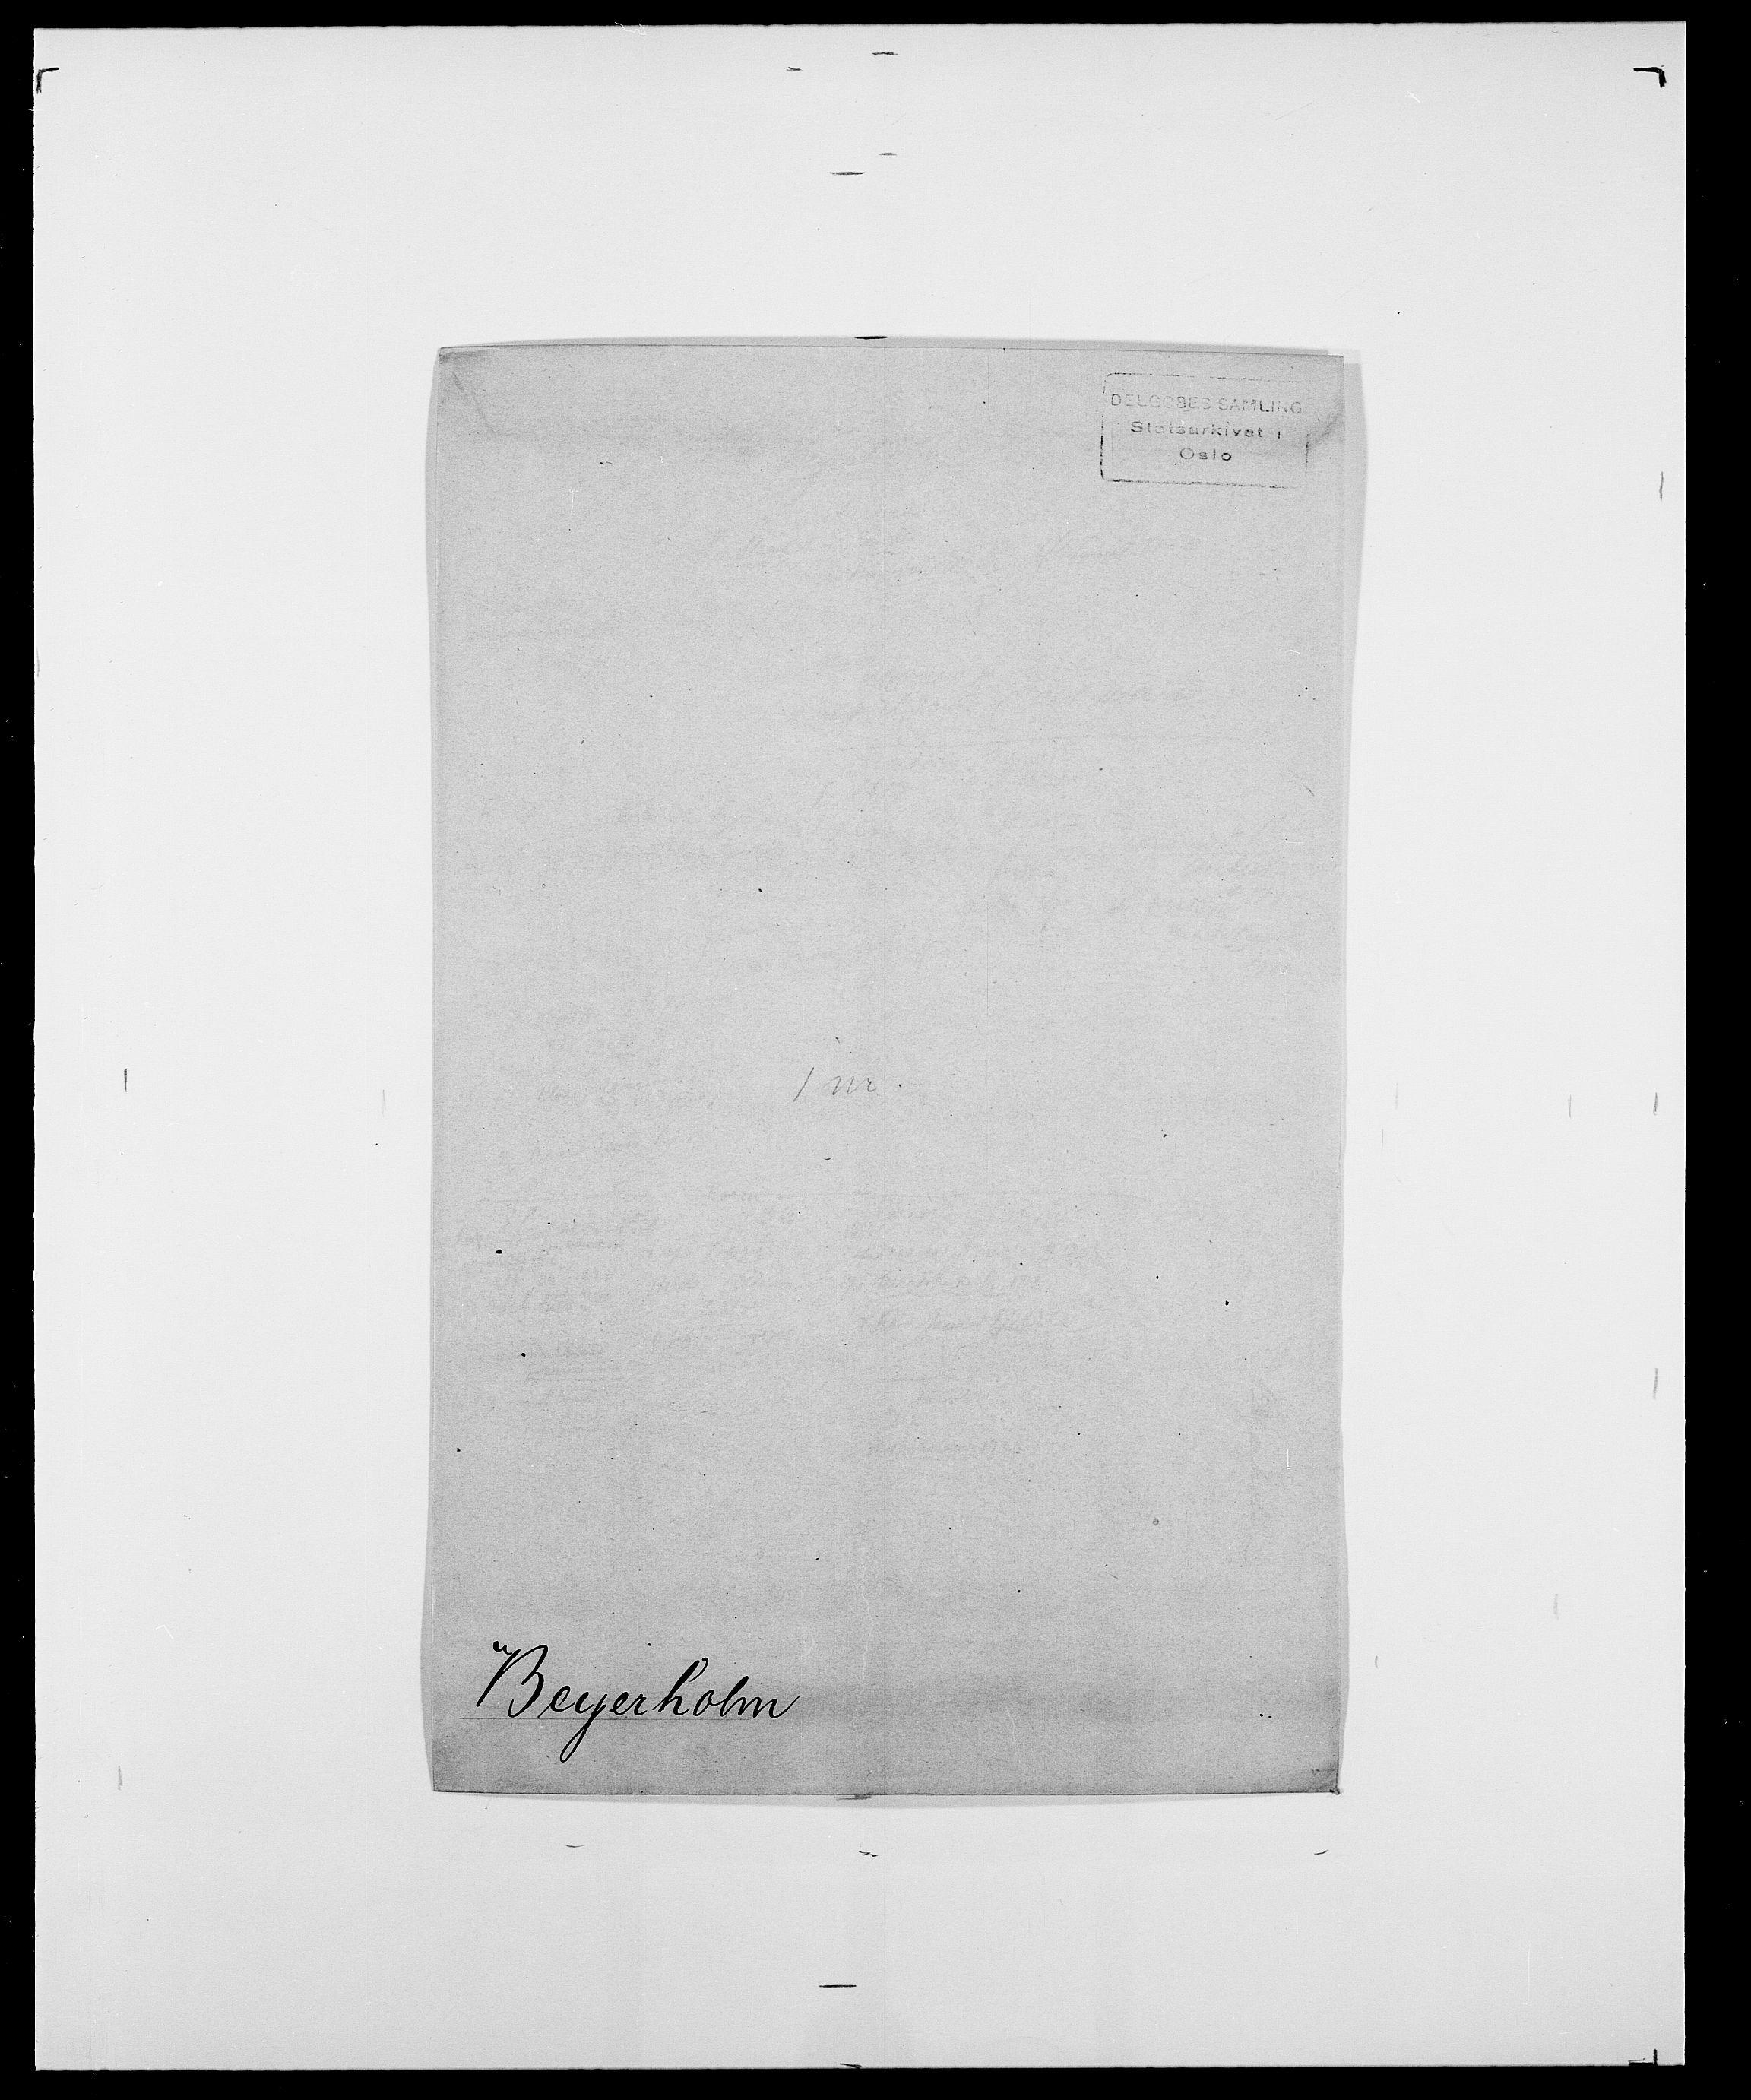 SAO, Delgobe, Charles Antoine - samling, D/Da/L0004: Bergendahl - Blære, s. 154